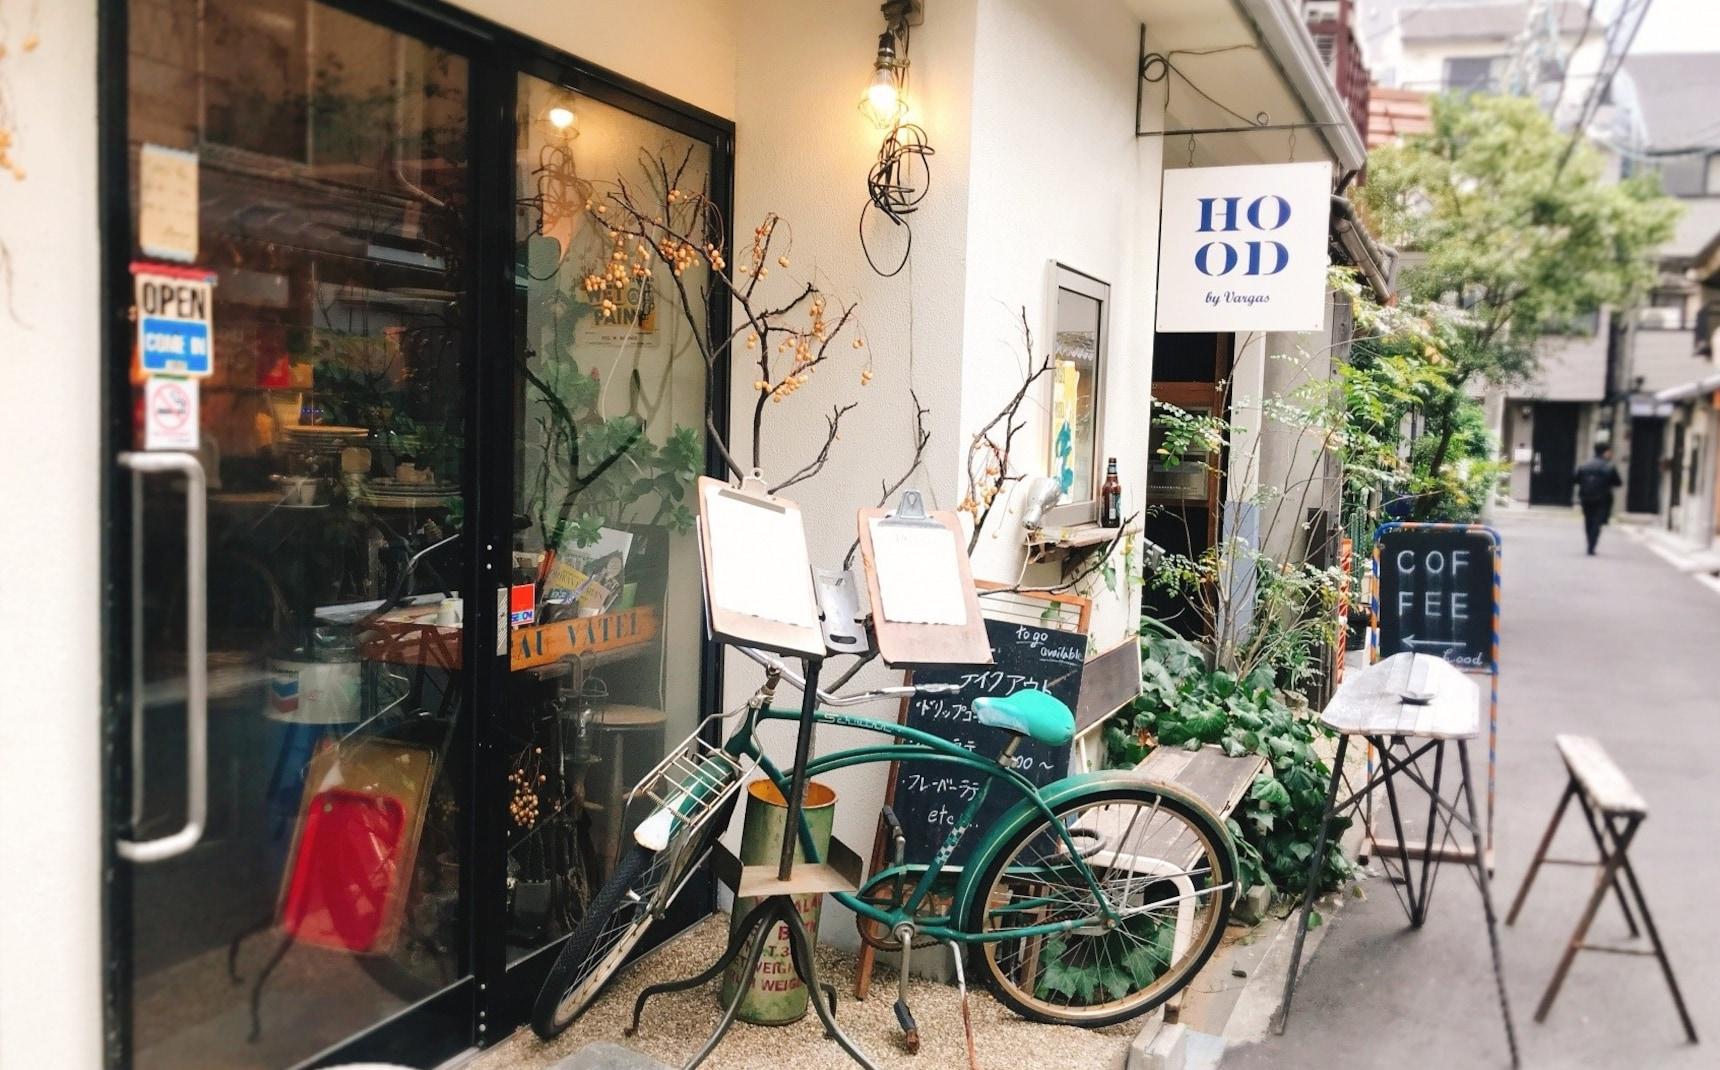 【大阪】开启一段美丽际遇:隐身在巷子中的咖啡厅「HOOD by Vargas」